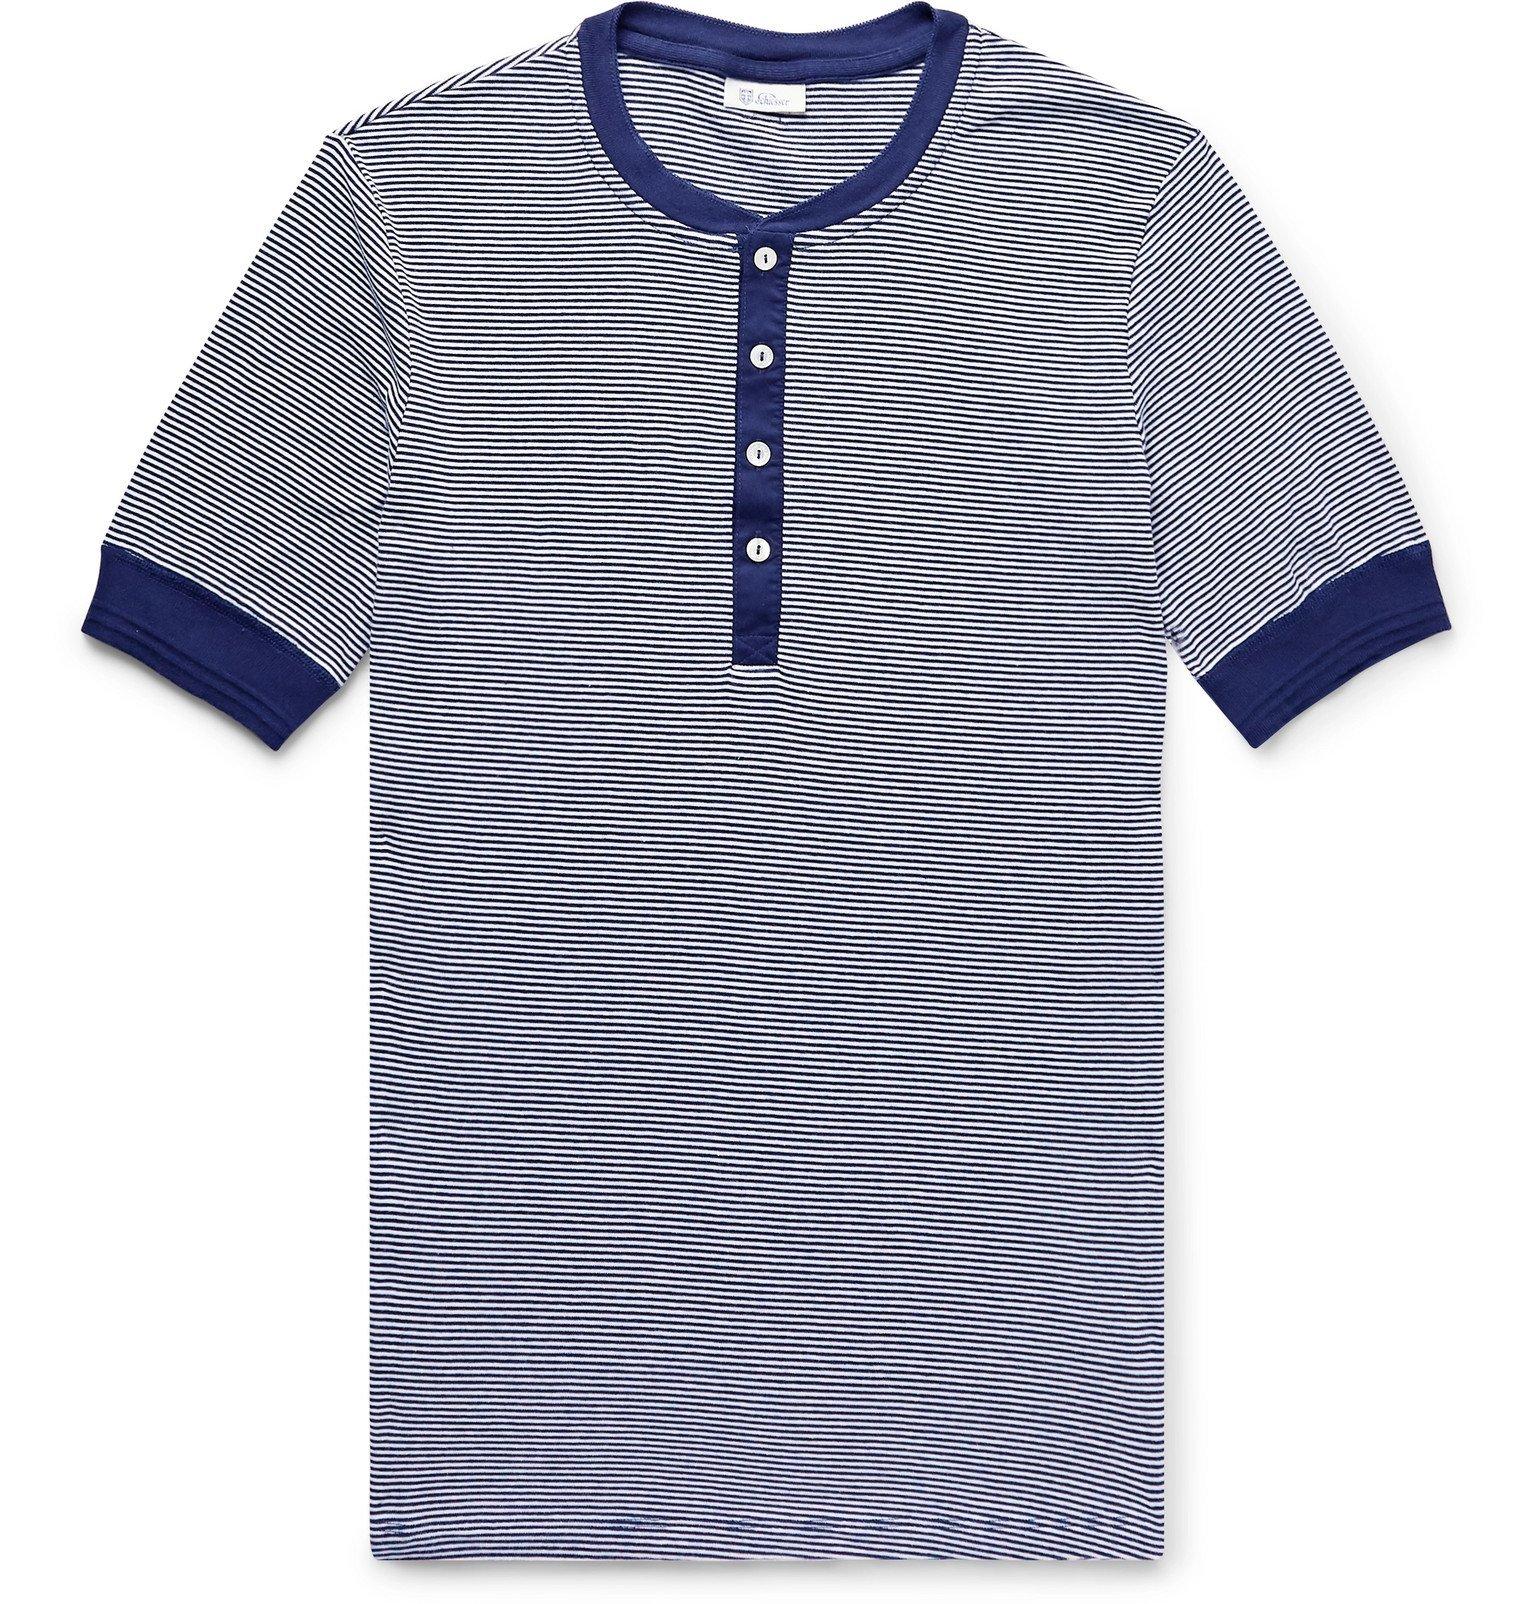 Schiesser - Karl-Heinz Slim-Fit Striped Cotton-Jersey Henley T-Shirt - Blue